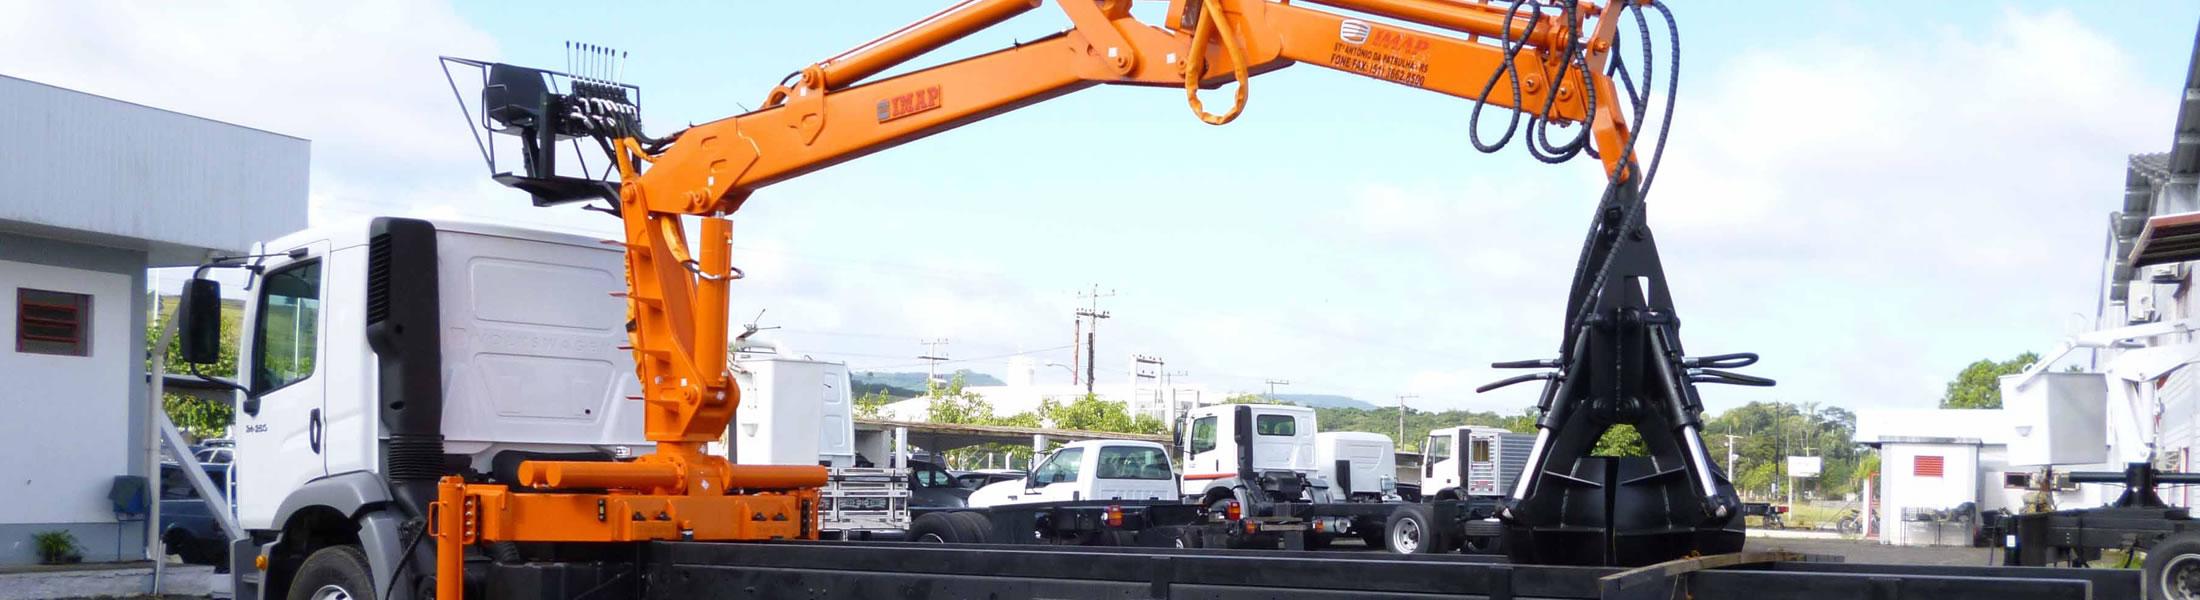 ARS Guindastes - Fabricação e Manutenção de Equipamentos Hidráulicos